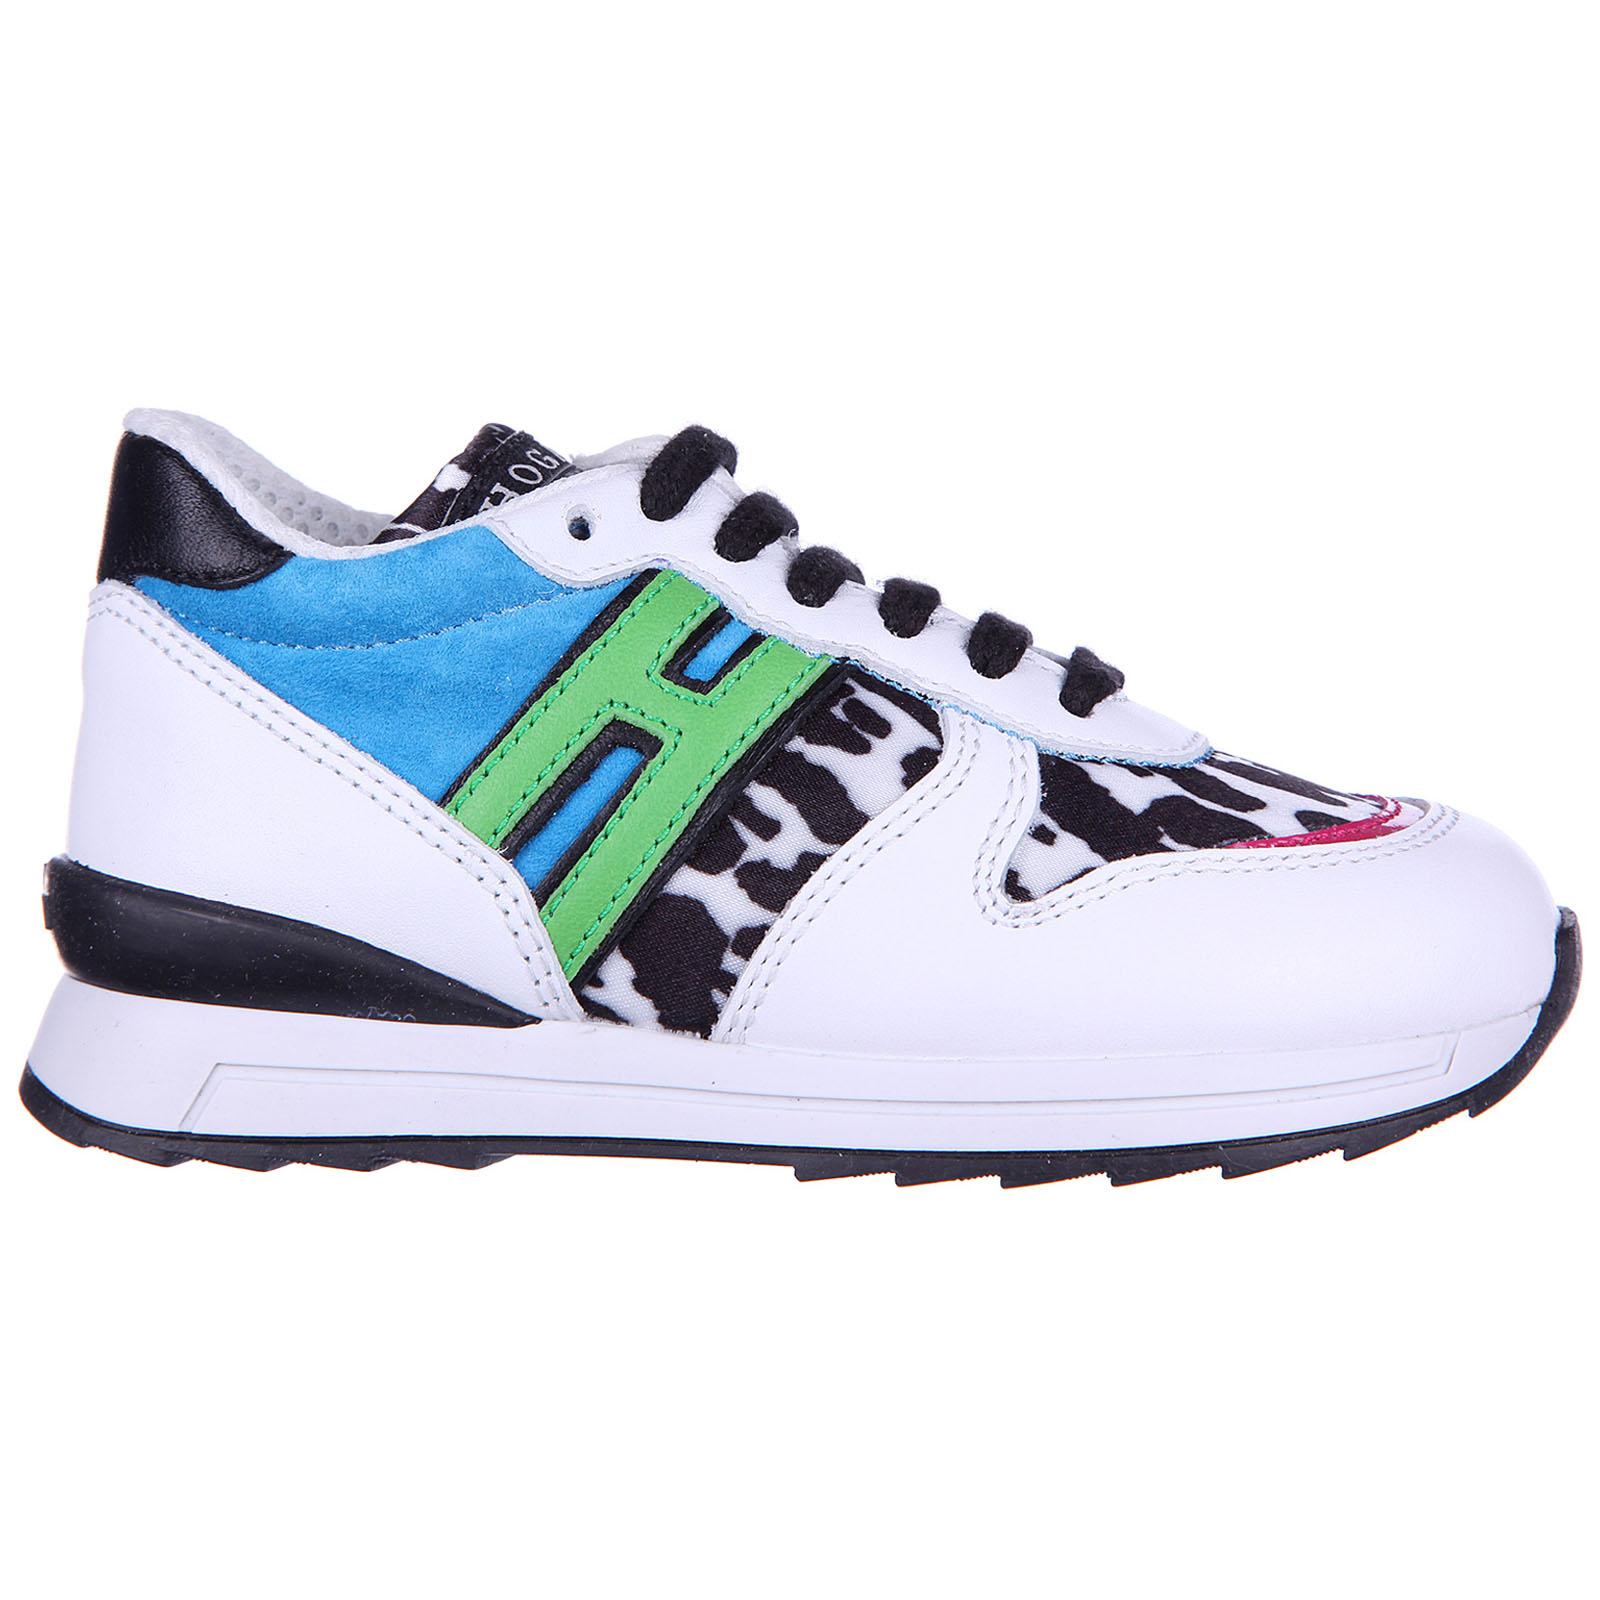 nouveau produit 390be 3e3bd Chaussures baskets sneakers enfant filles pelle r261